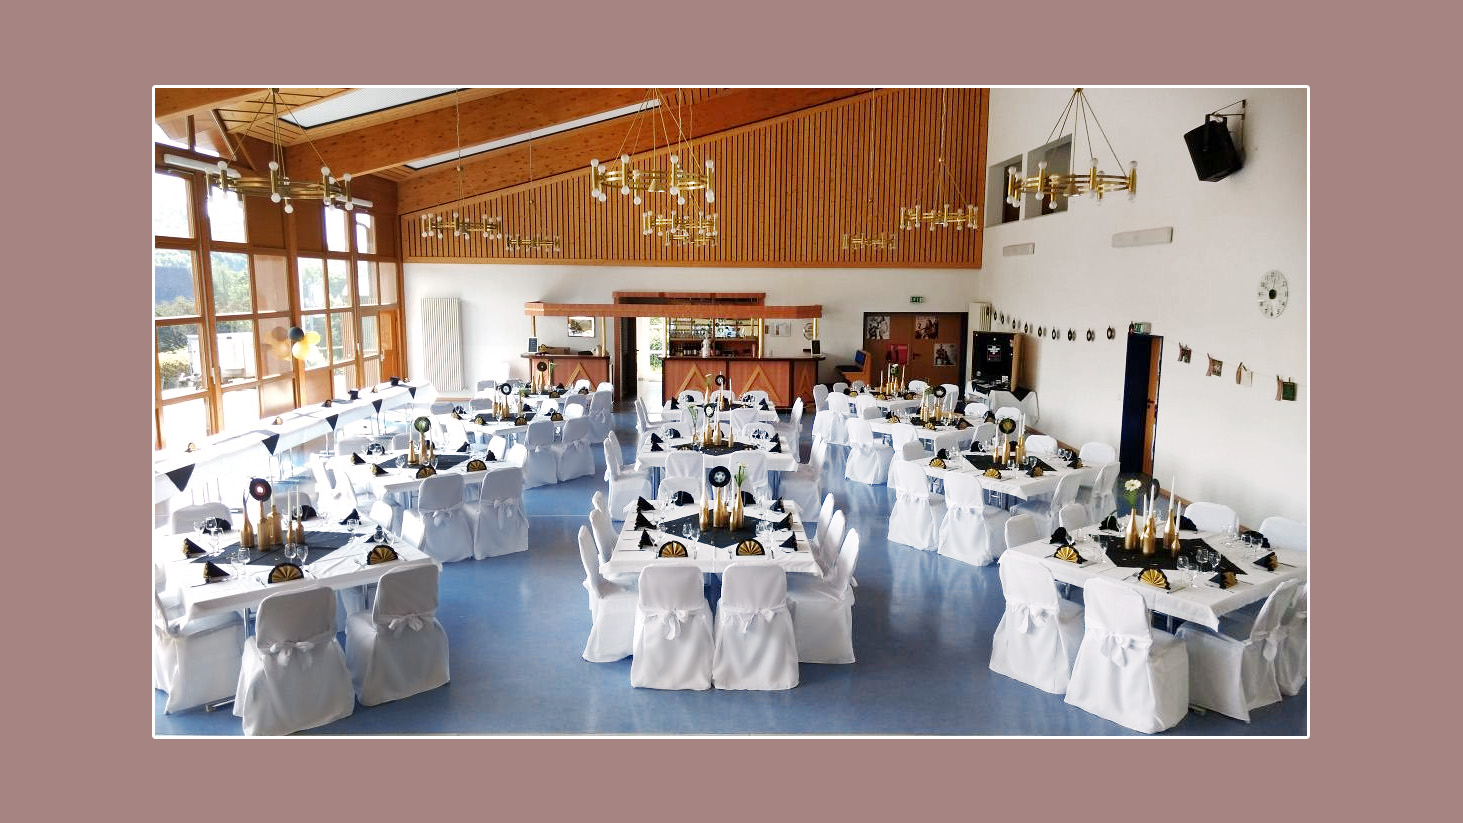 Hochzeitslocation-Saal-Umgebung-Kaiserslautern-Bad-Kreuznach